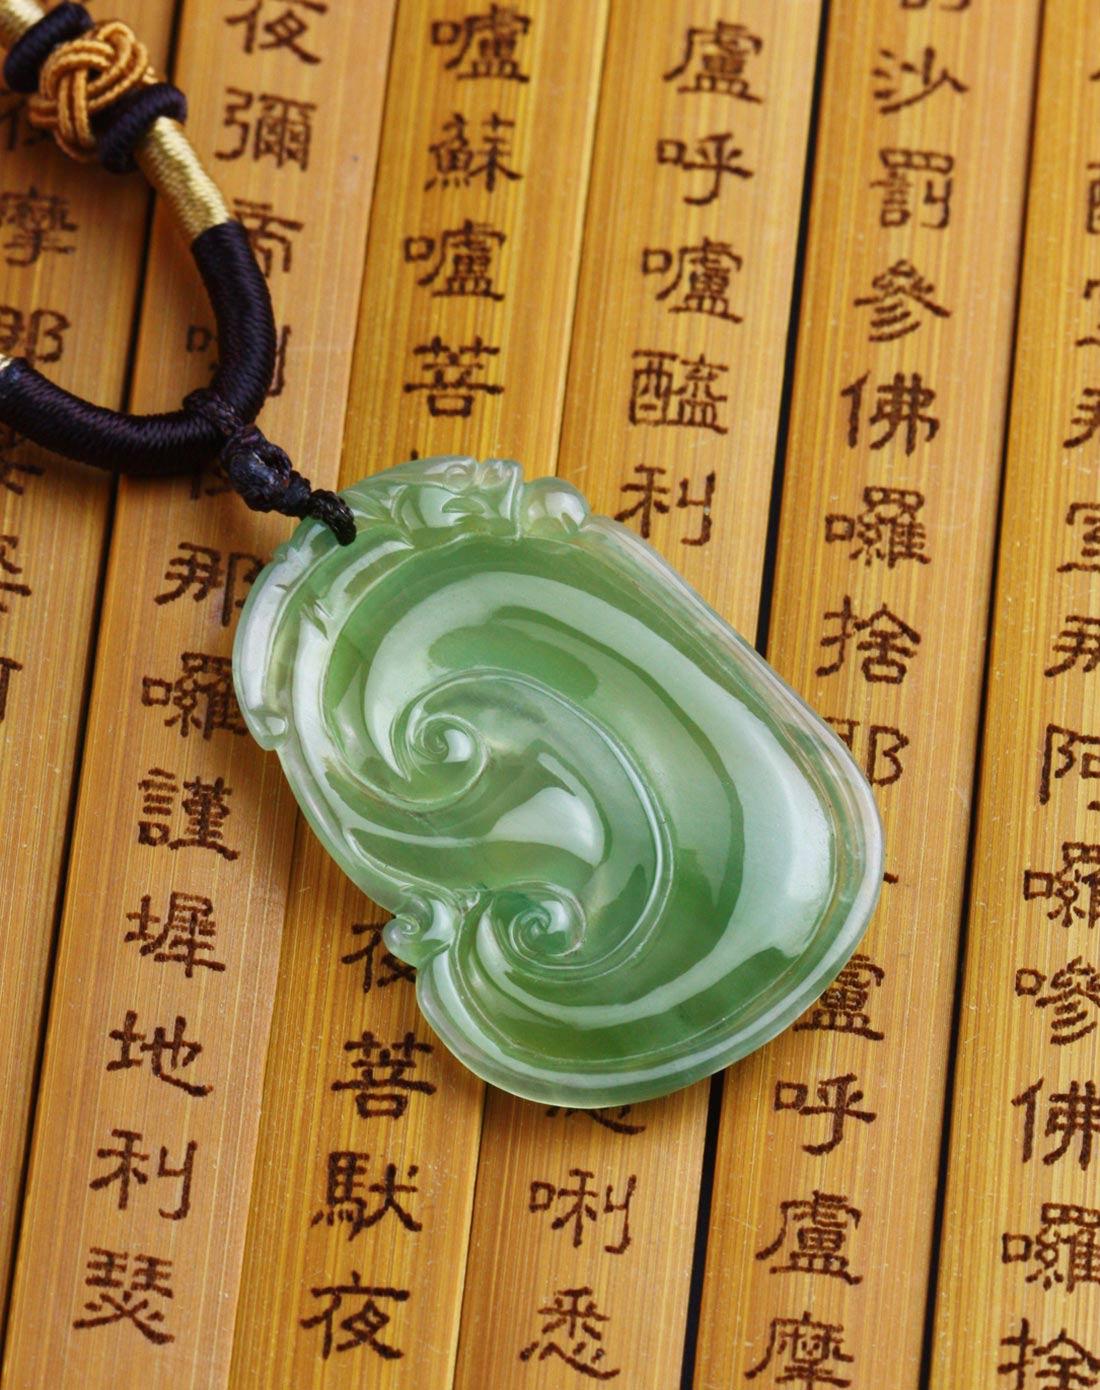 浅绿翡翠a货手工雕刻如意貔貅吊坠附证书